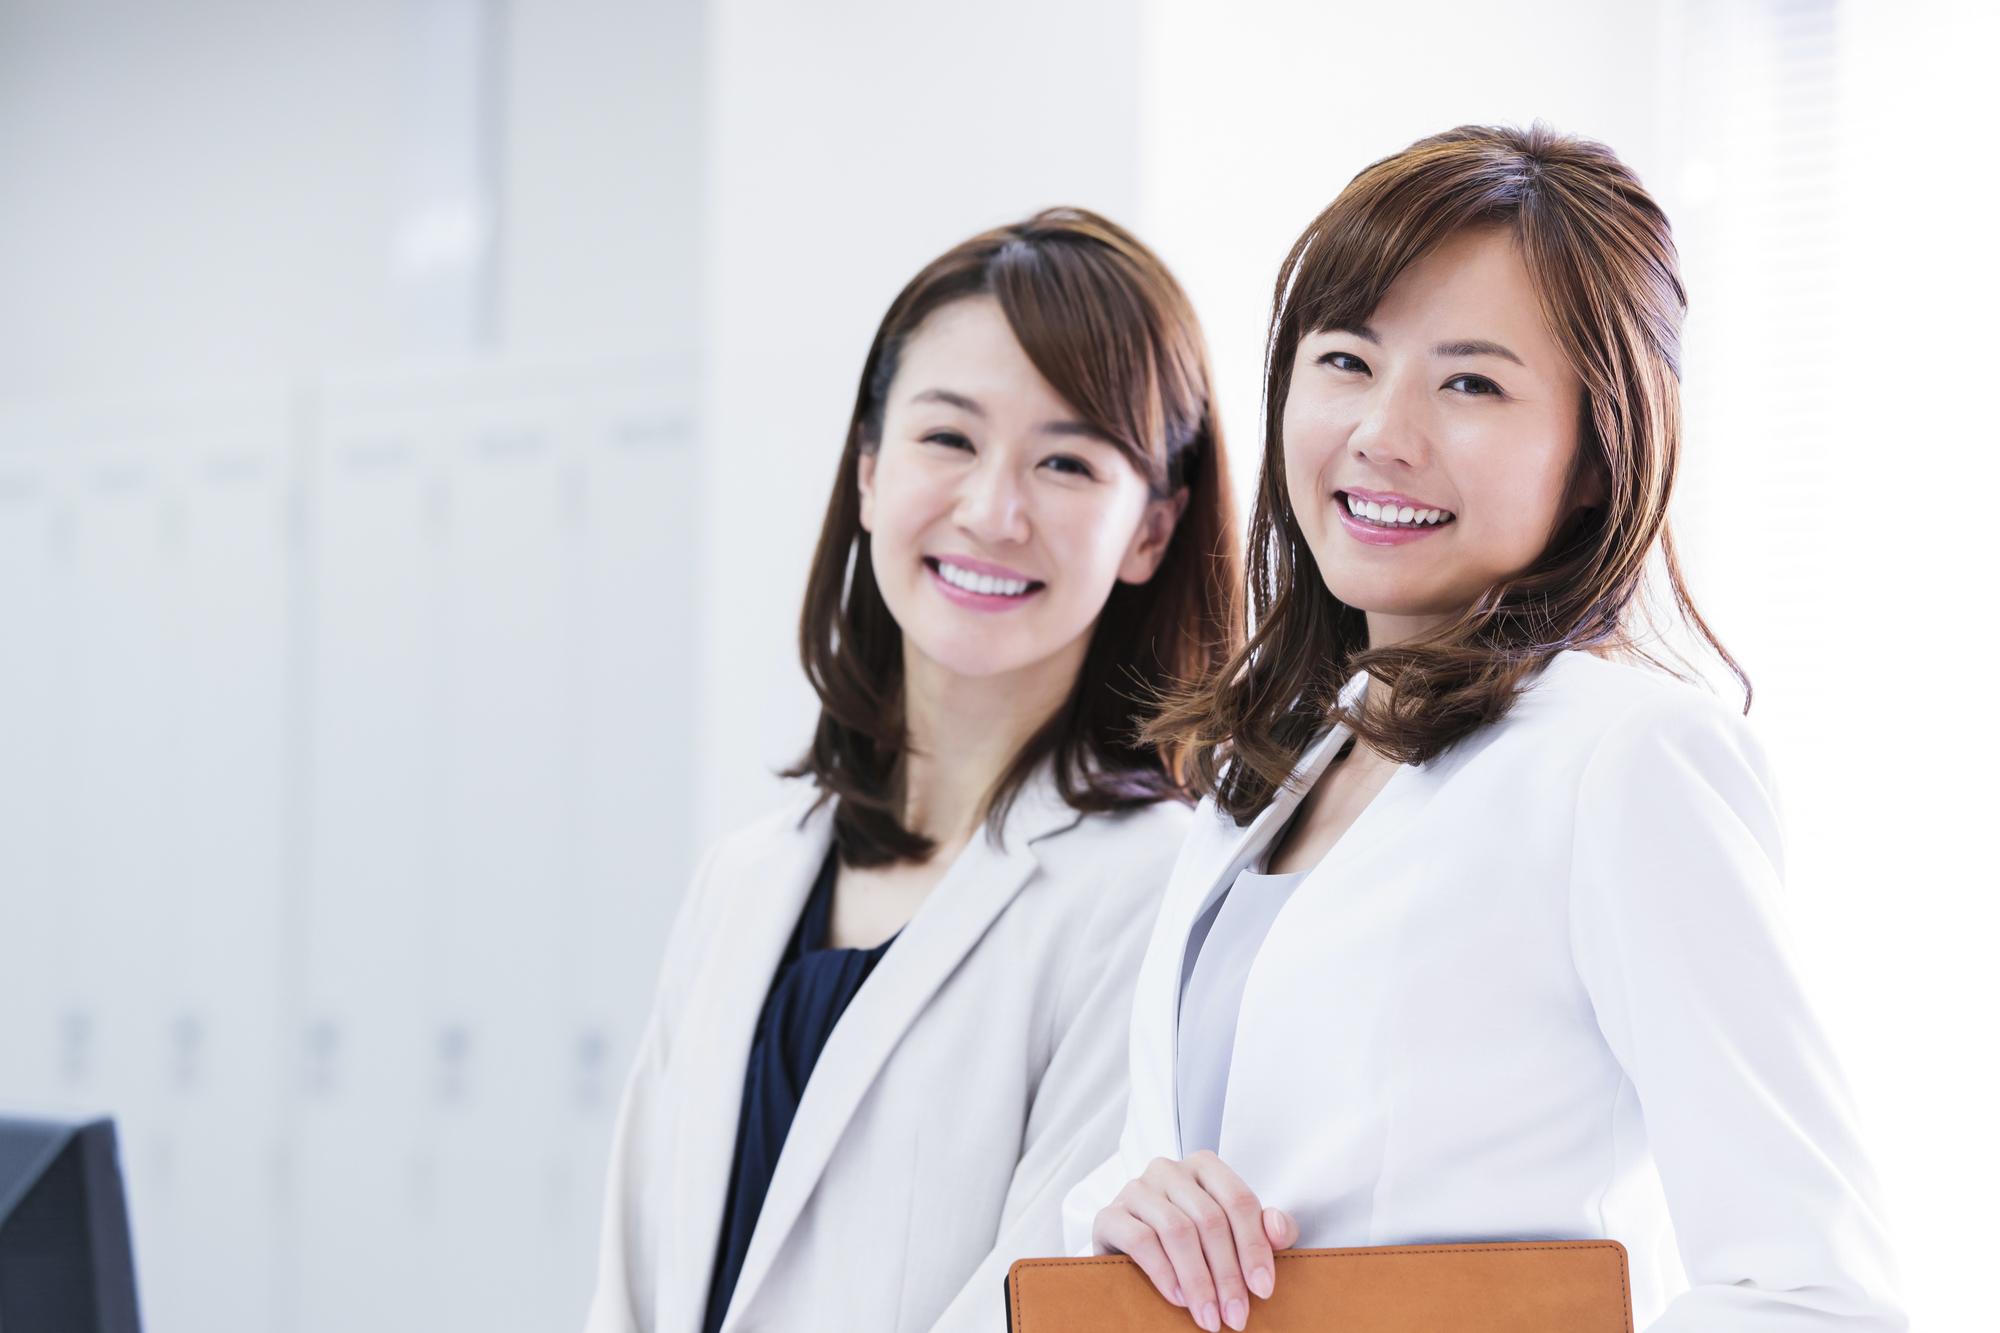 美容部員の転職にプロの転職エージェントを利用すべき3つの理由